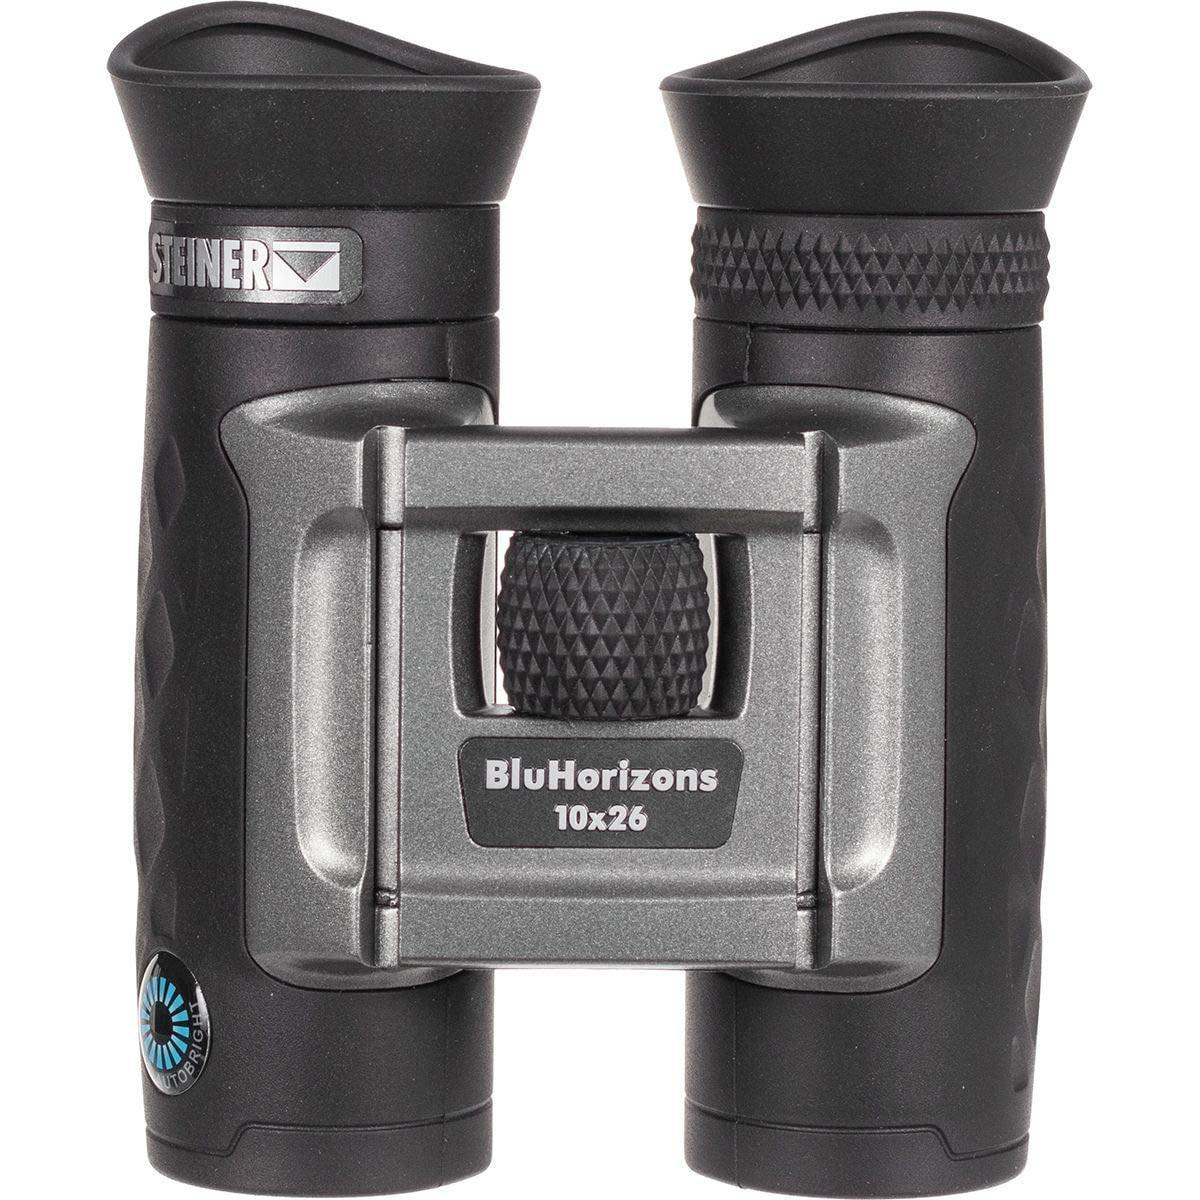 Steiner BluHorizons 10x26 Binocular,